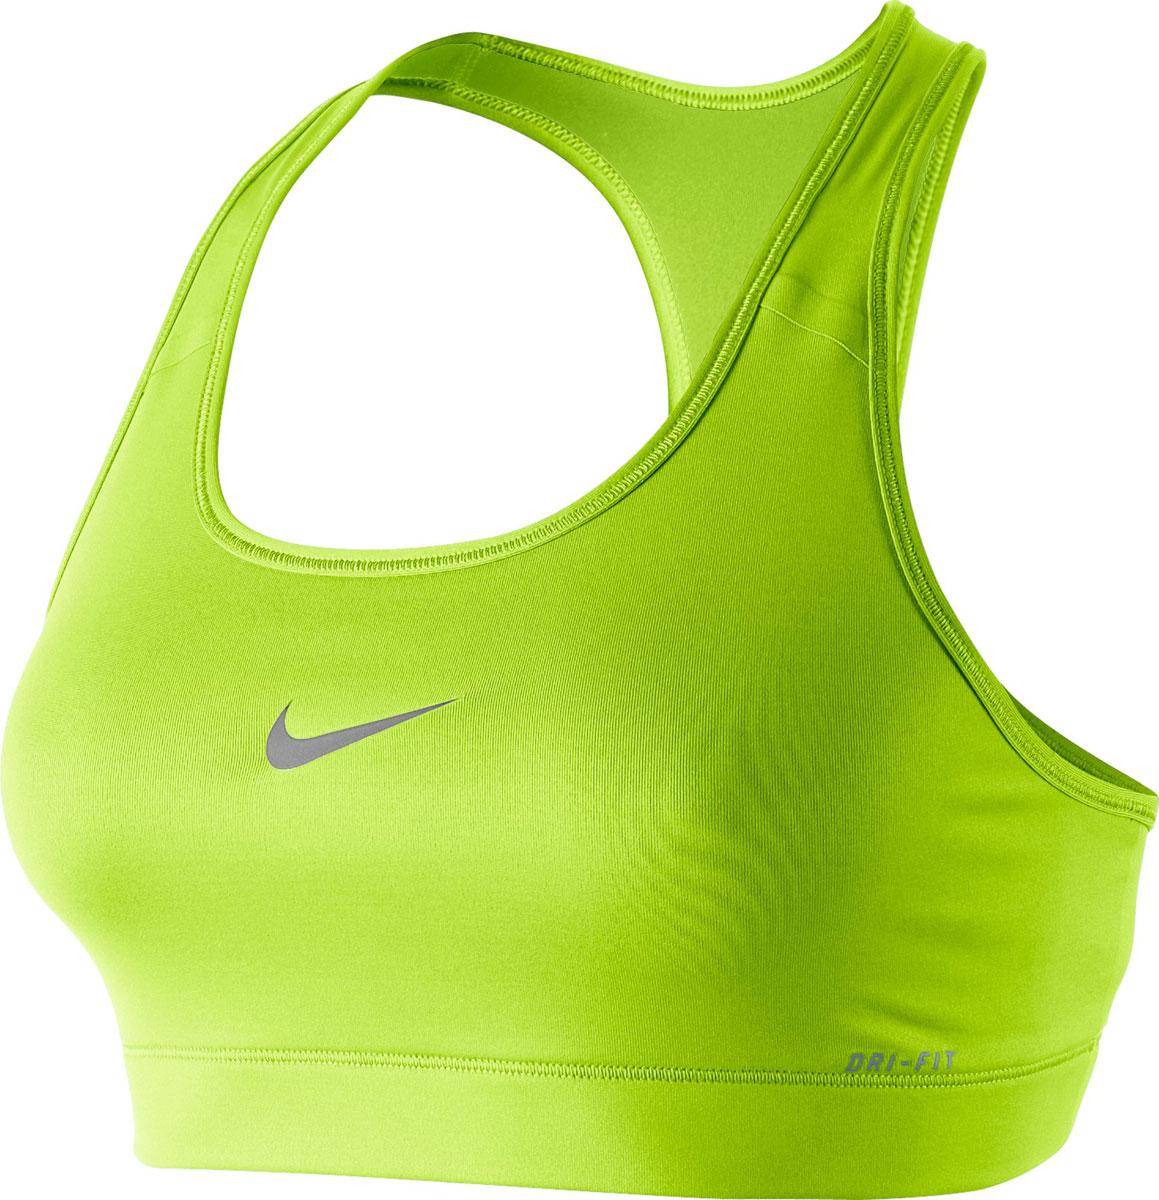 Топ-бра375833-702Короткий спортивный топ ярко-оранжевого цвета от Nike выполнен из двух слоев эластичного материала, который эффективно отводит излишнюю влагу от кожи и сохраняет ее сухой во время тренировок. Модель плотно прилегает к телу. Детали: круглый вырез, спинка-борцовка, принт с изображением логотипа бренда на фронтальной стороне, широкая эластичная резинка в нижней части.